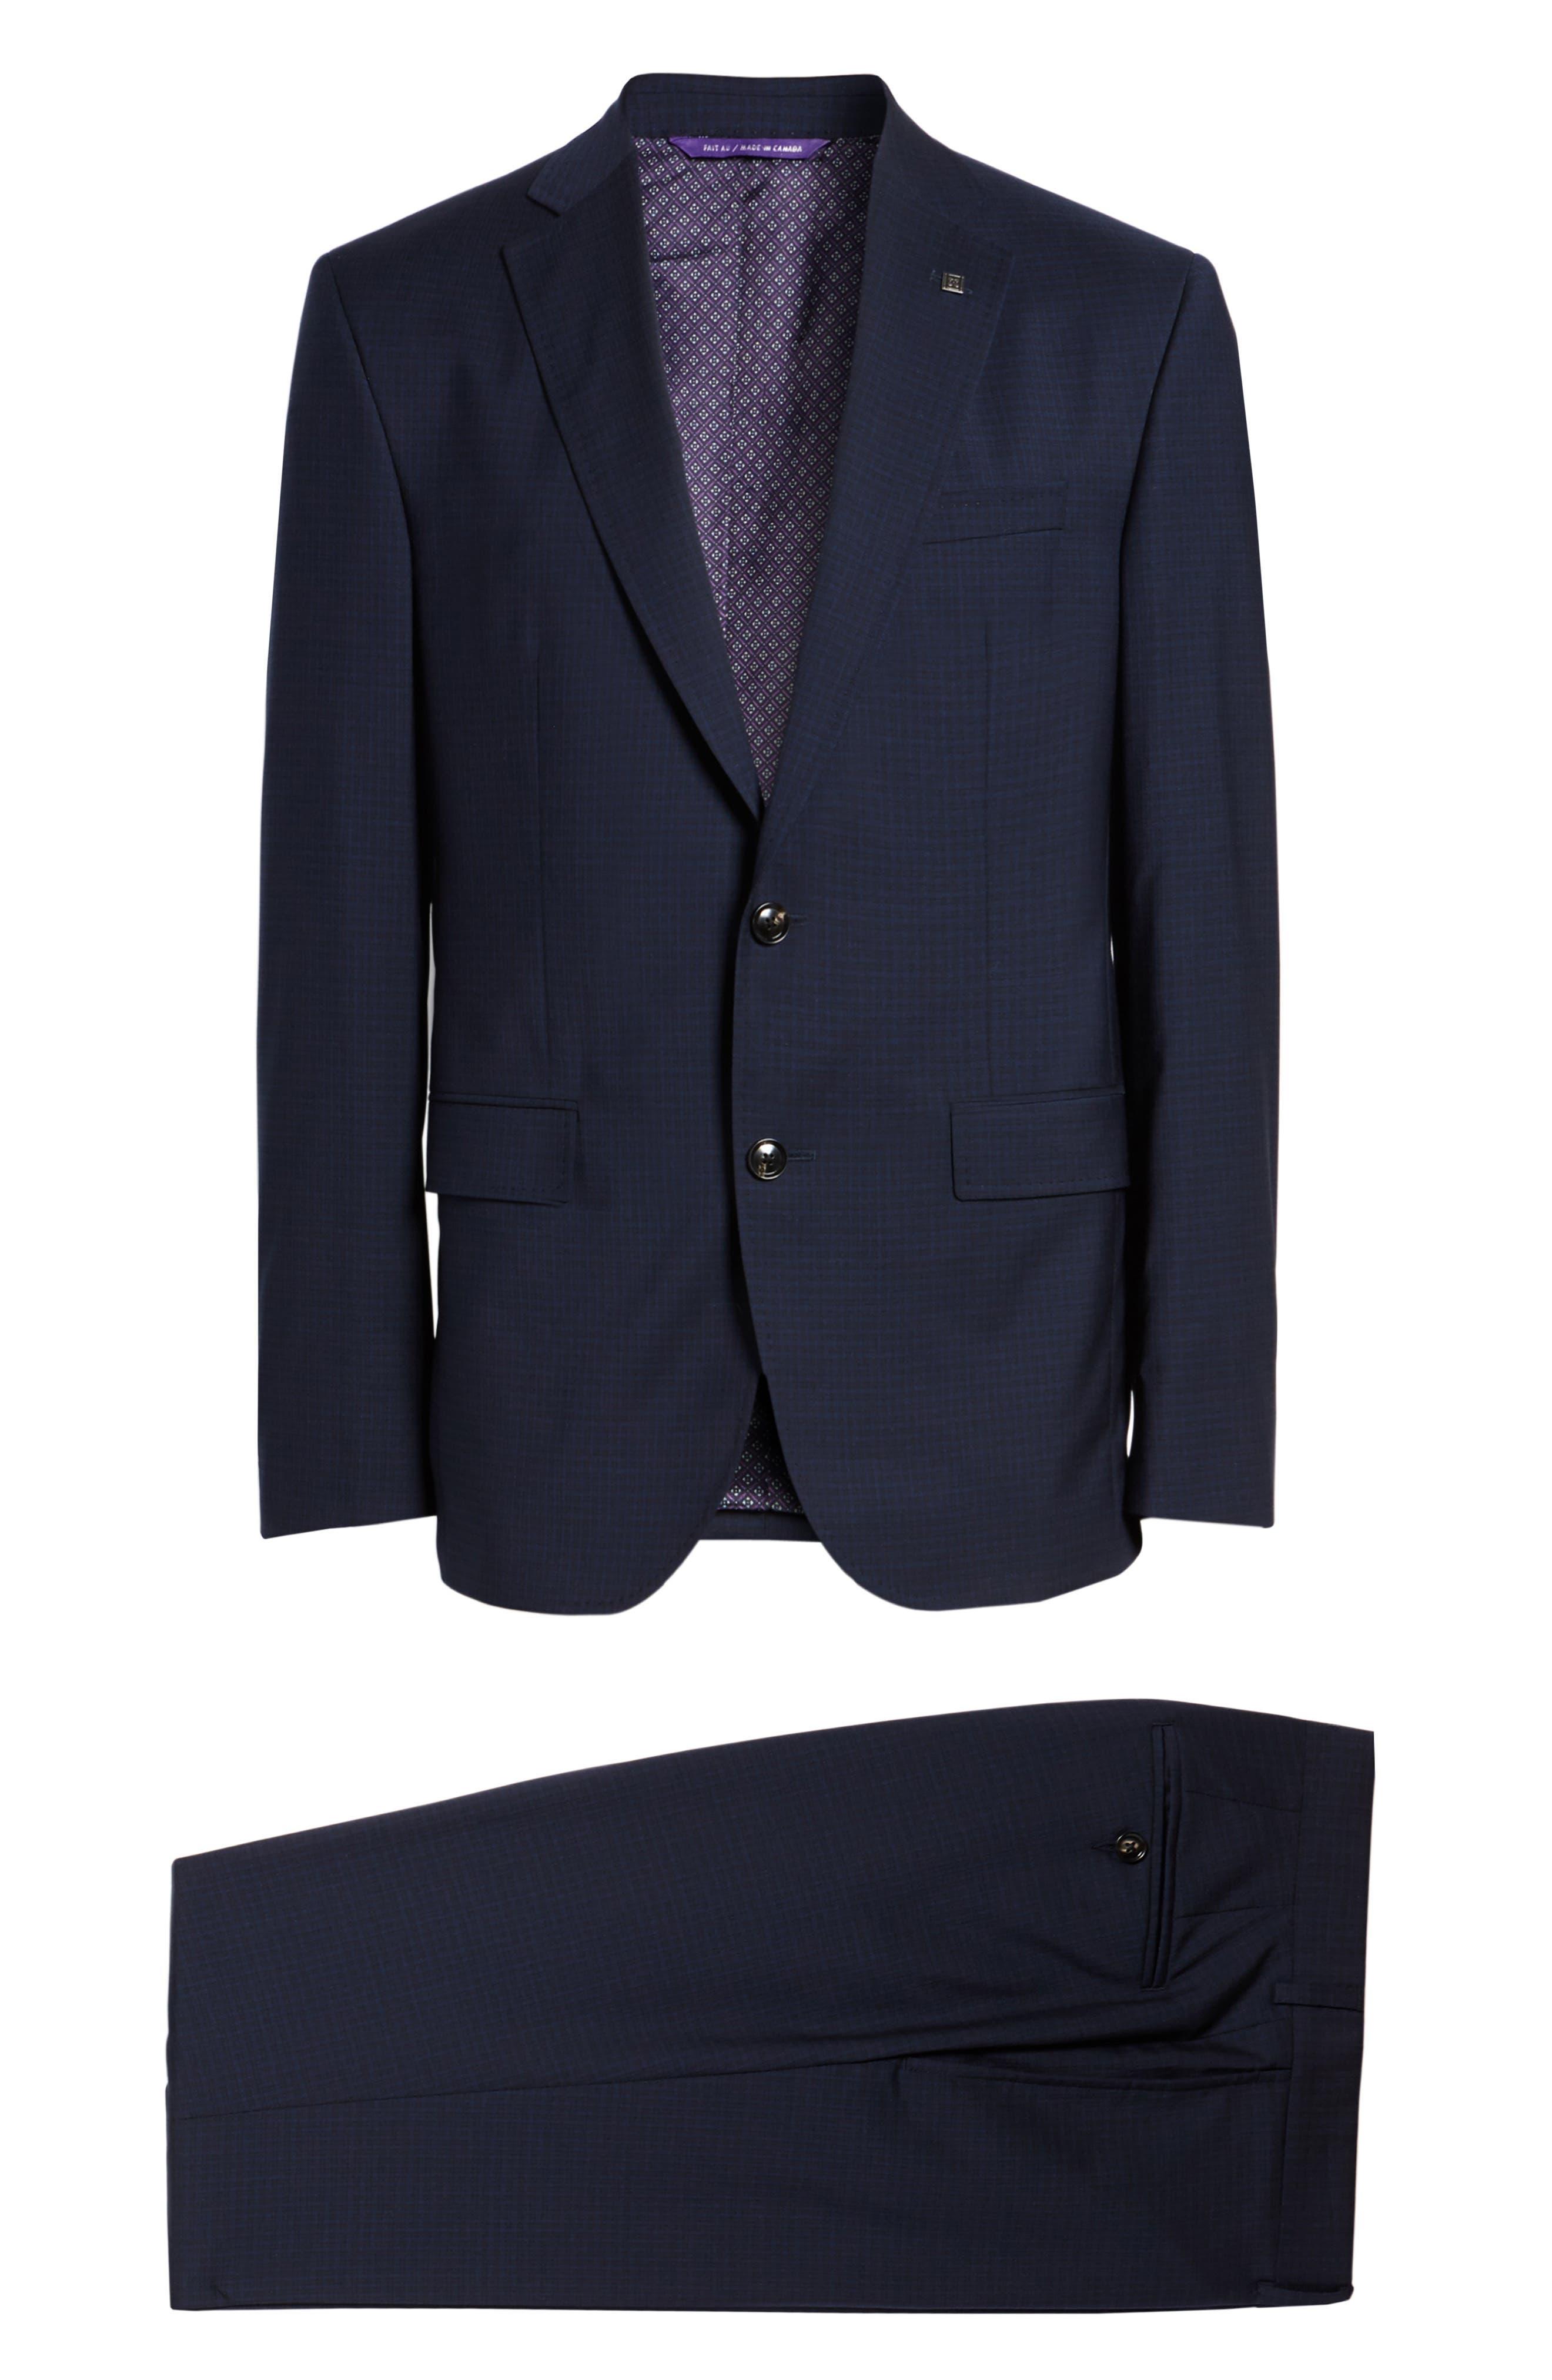 Roger Trim Fit Check Wool Suit,                             Alternate thumbnail 8, color,                             410